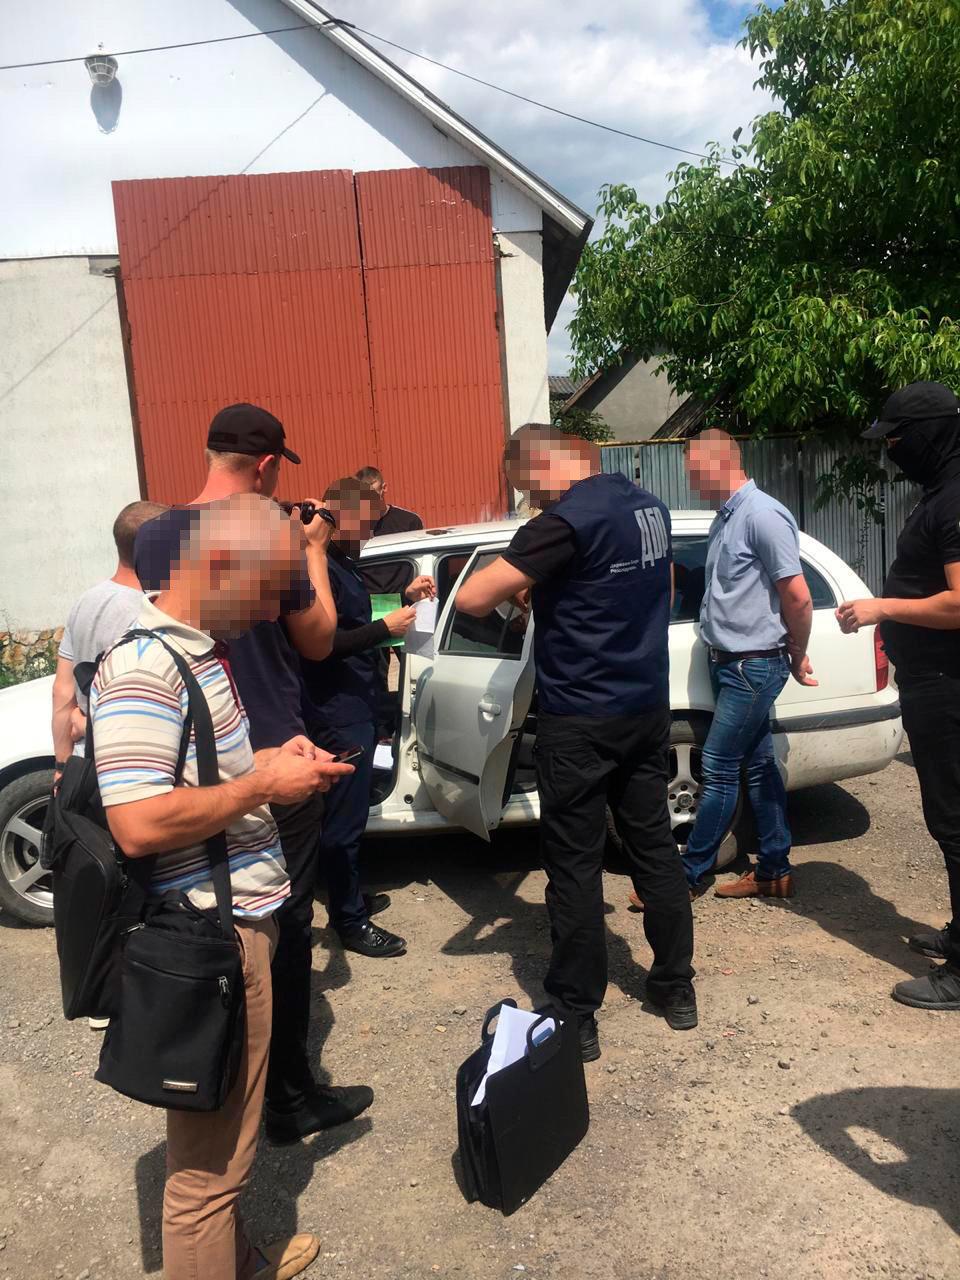 Закарпатські правоохоронці затримали начальника філії центру пробації при отриманні $400 хабара (ФОТО), фото-3